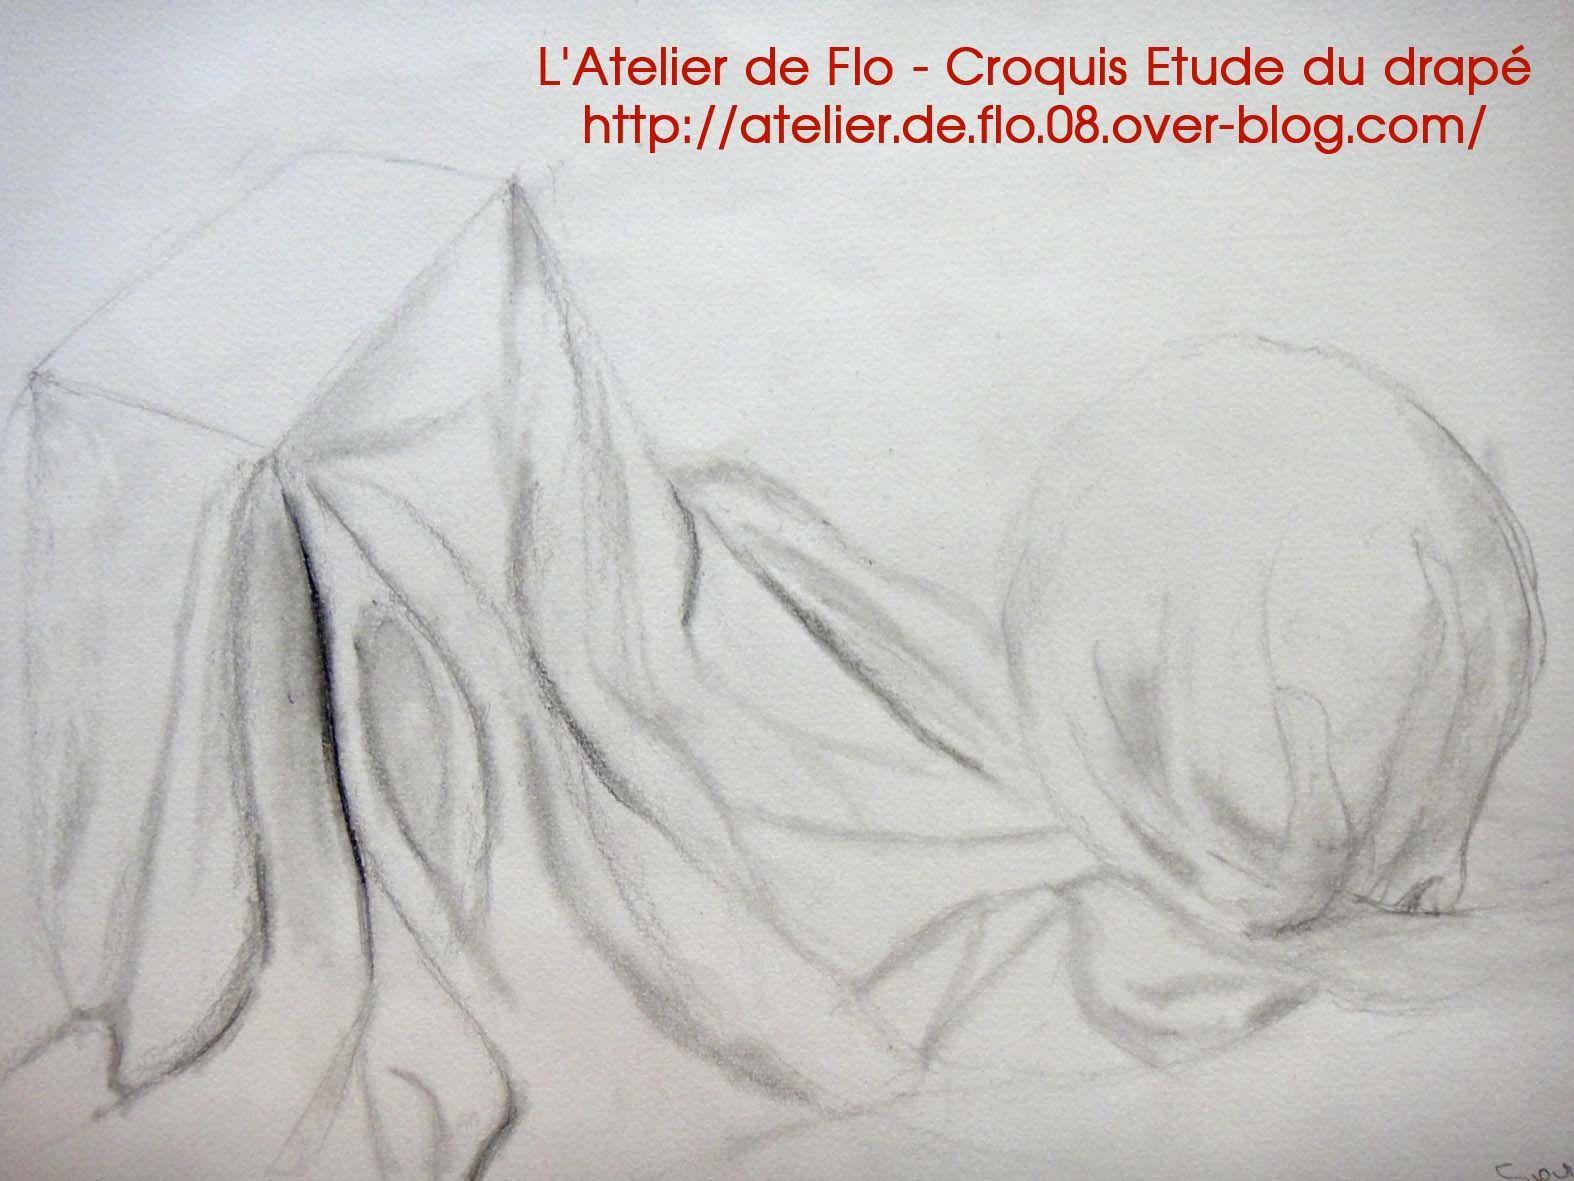 Dessins fusains et crayons des artistes de l'atelier croquis